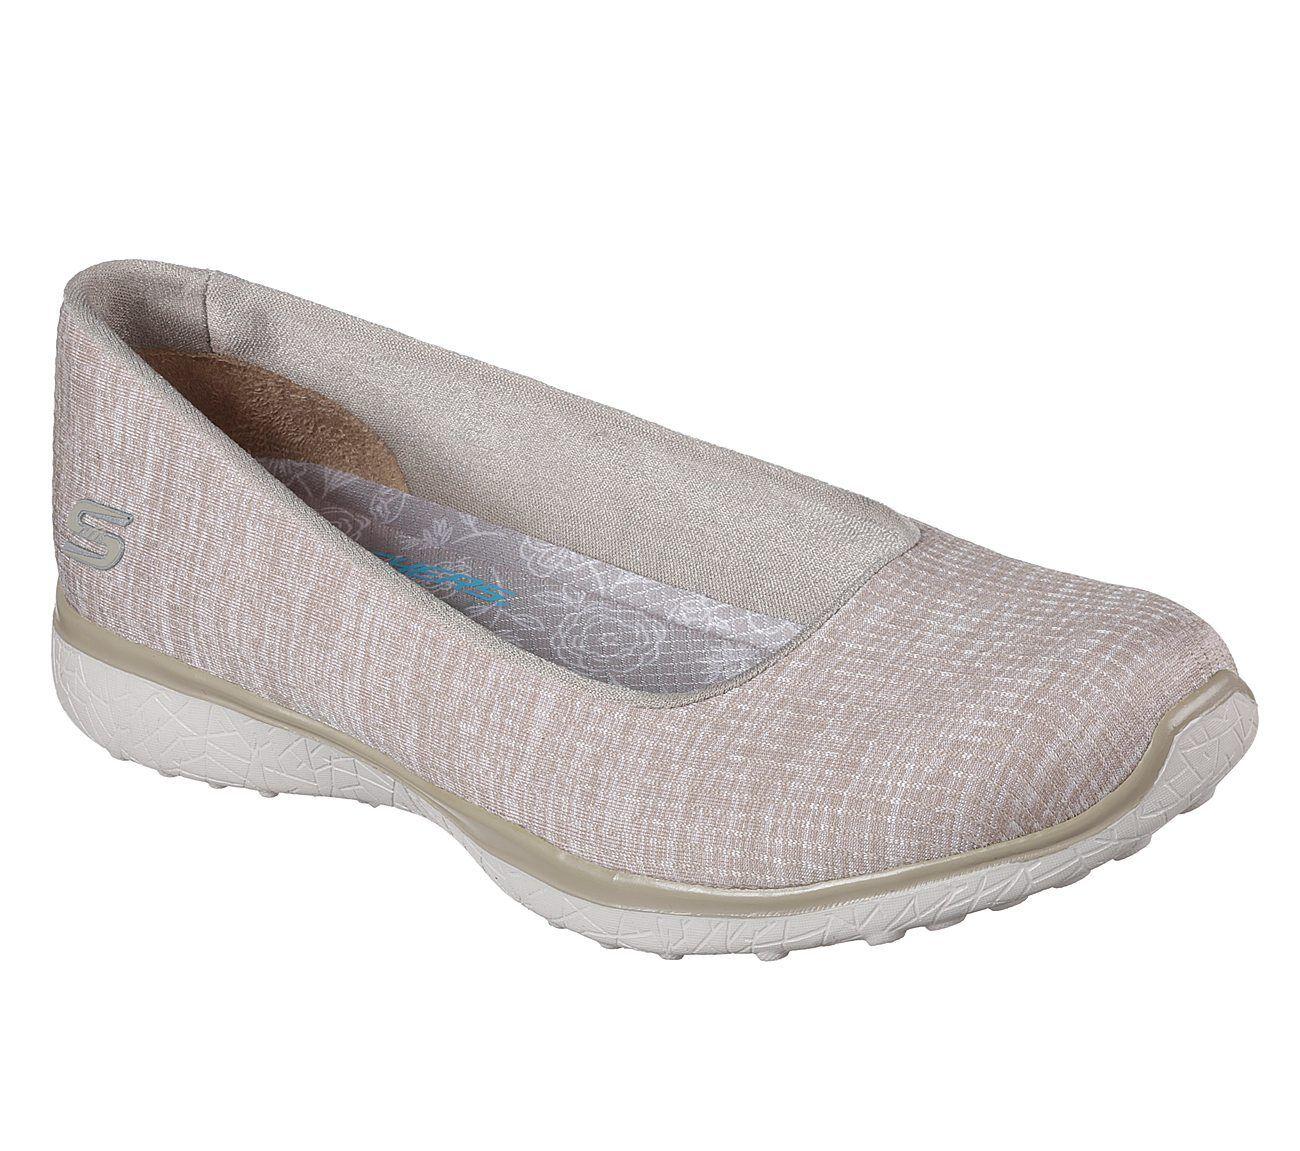 negozio online outlet NUOVO NUOVO NUOVO Skechers Da Donna Ballerine slipper Flats microburst-Darling Dash GRIGIO  fino al 65% di sconto